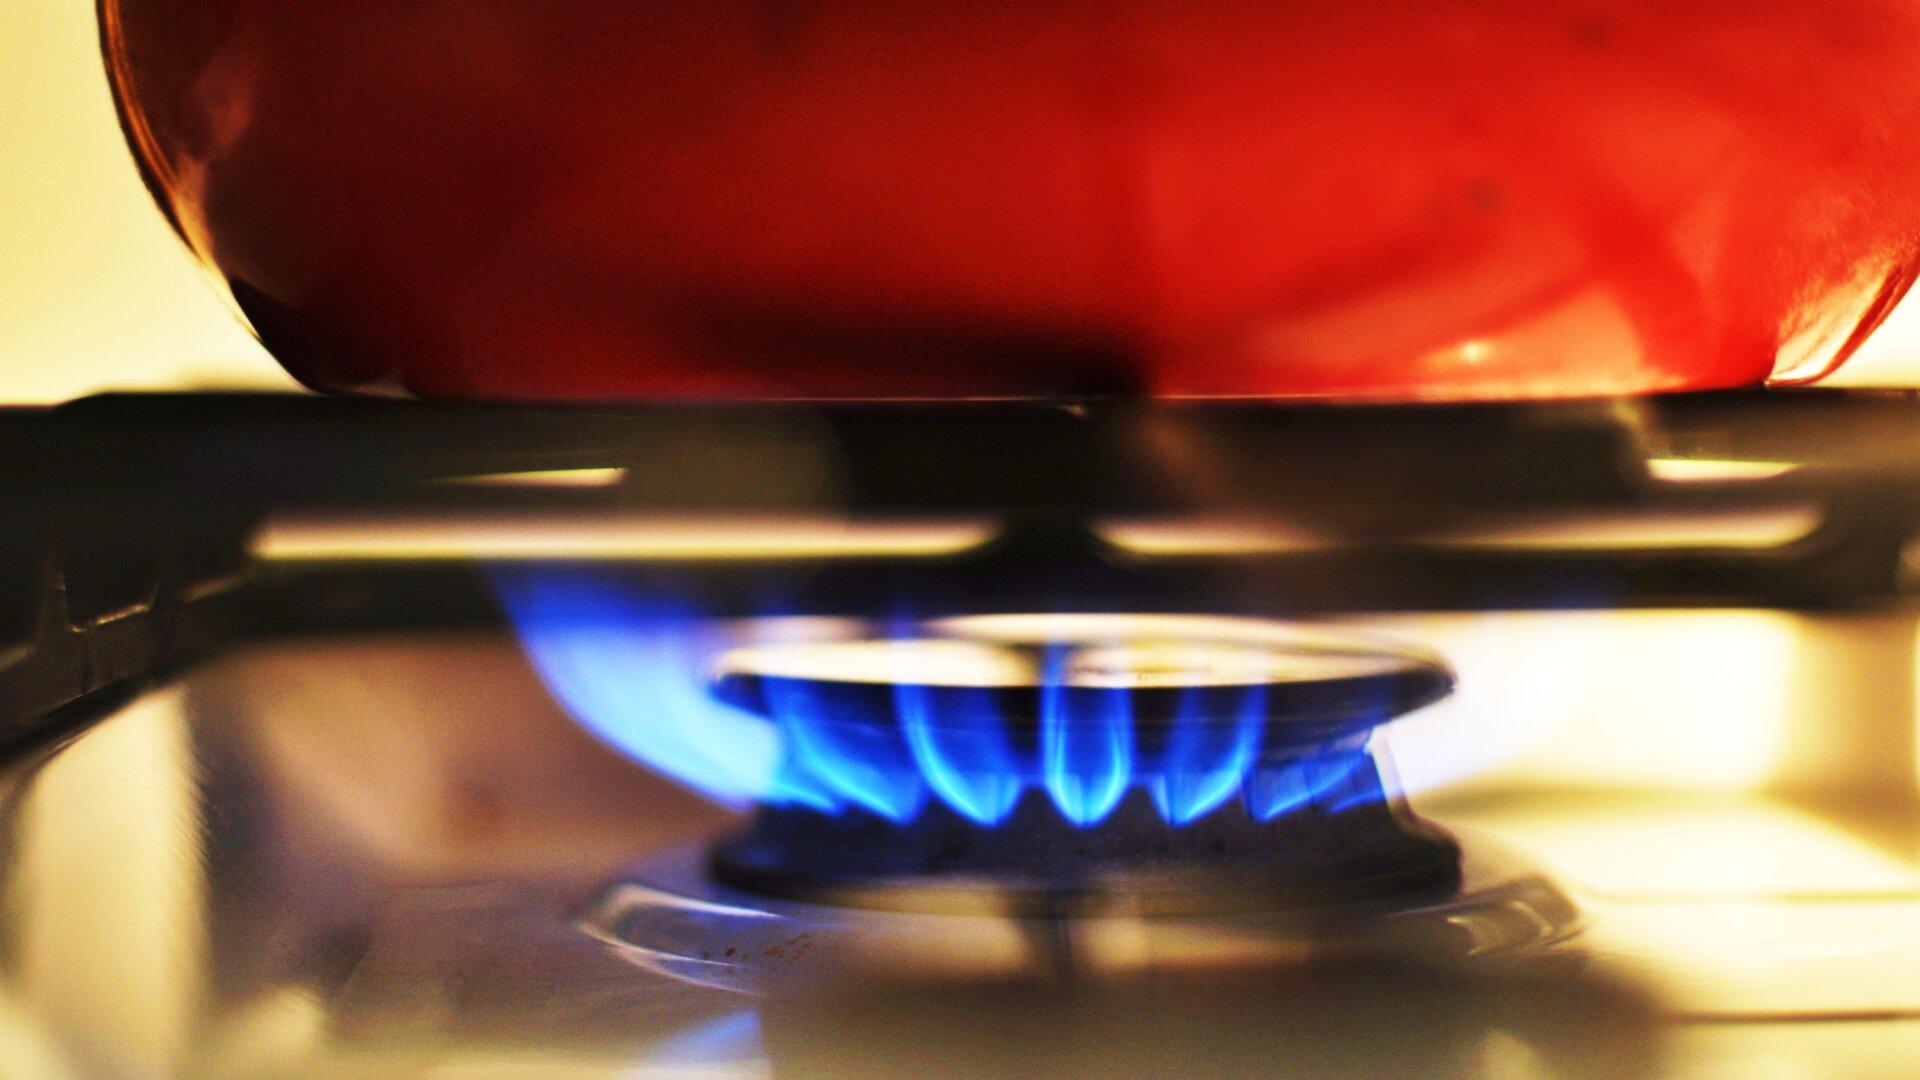 Ilustracja przedstawia naczynie postawione na włączony na kuchence gaz. Garnek ma kolor czerwony.